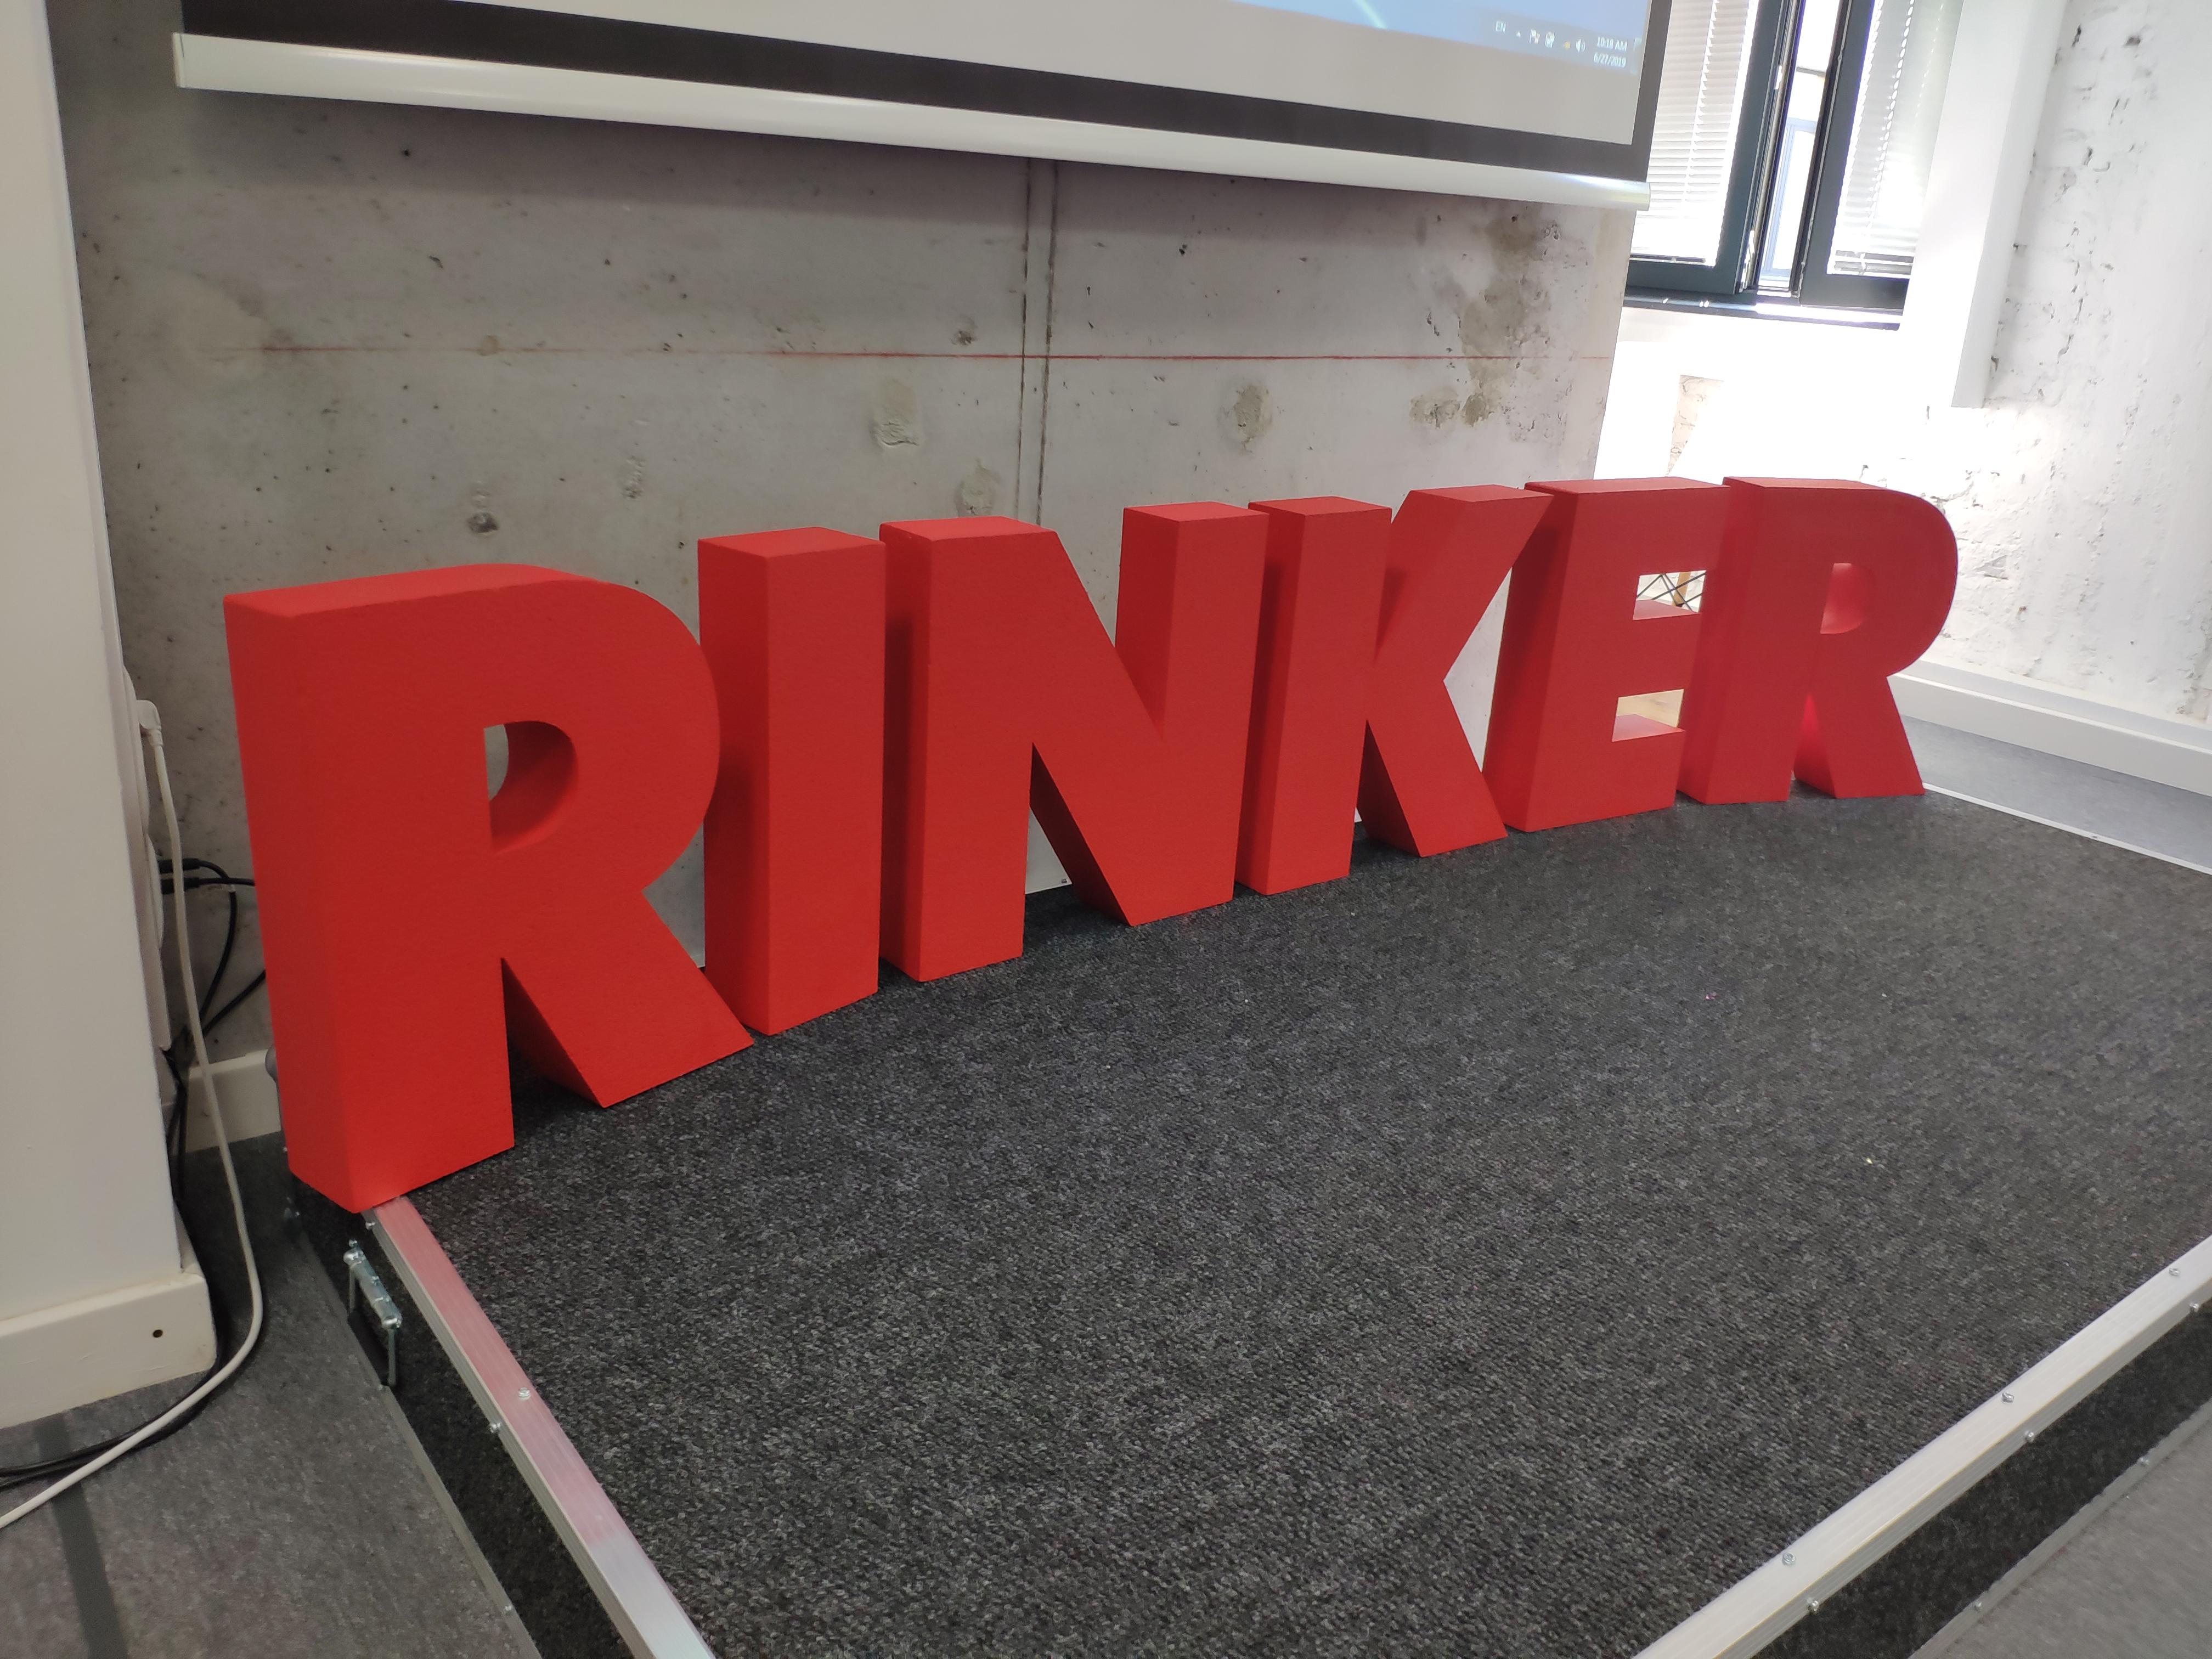 букви от стиропор ринкер